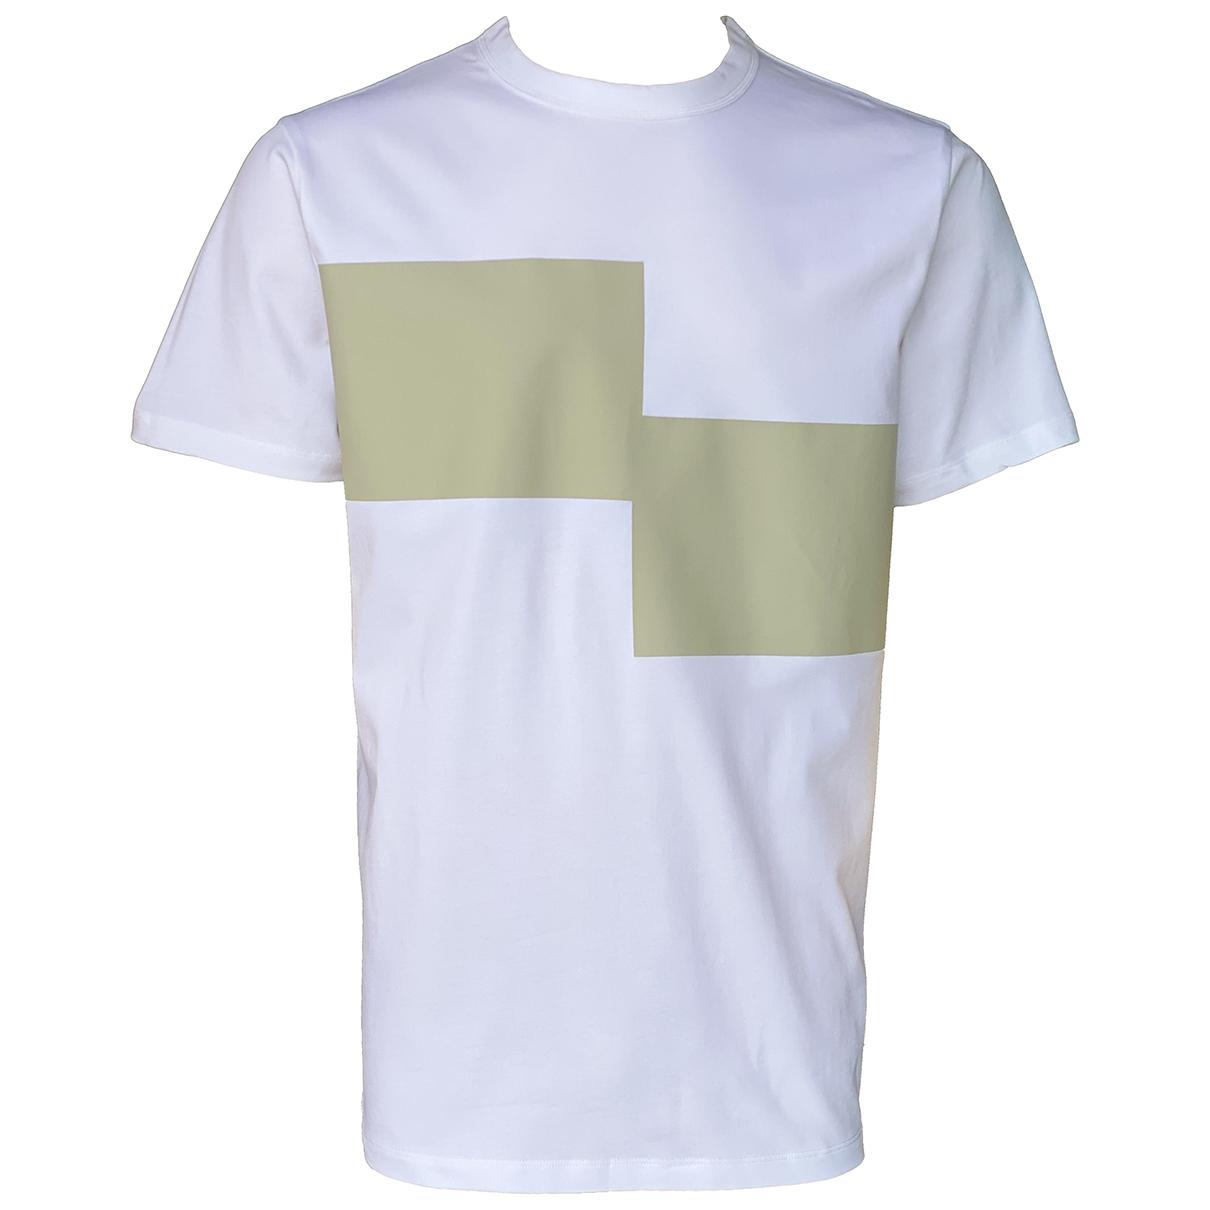 Cos - Tee shirts   pour homme en coton - blanc